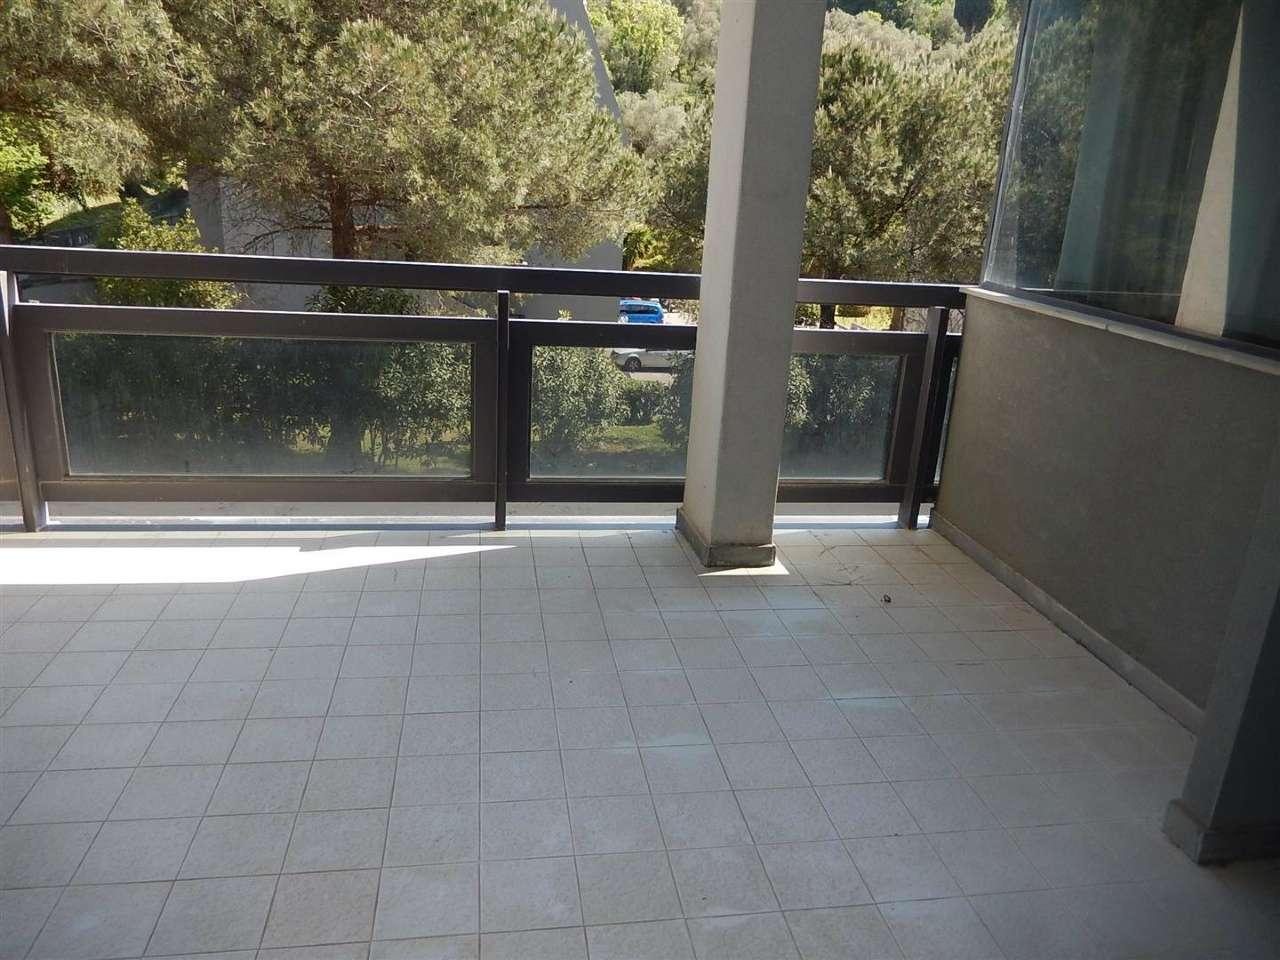 Appartamento in vendita a Chiavari, 6 locali, prezzo € 350.000 | PortaleAgenzieImmobiliari.it